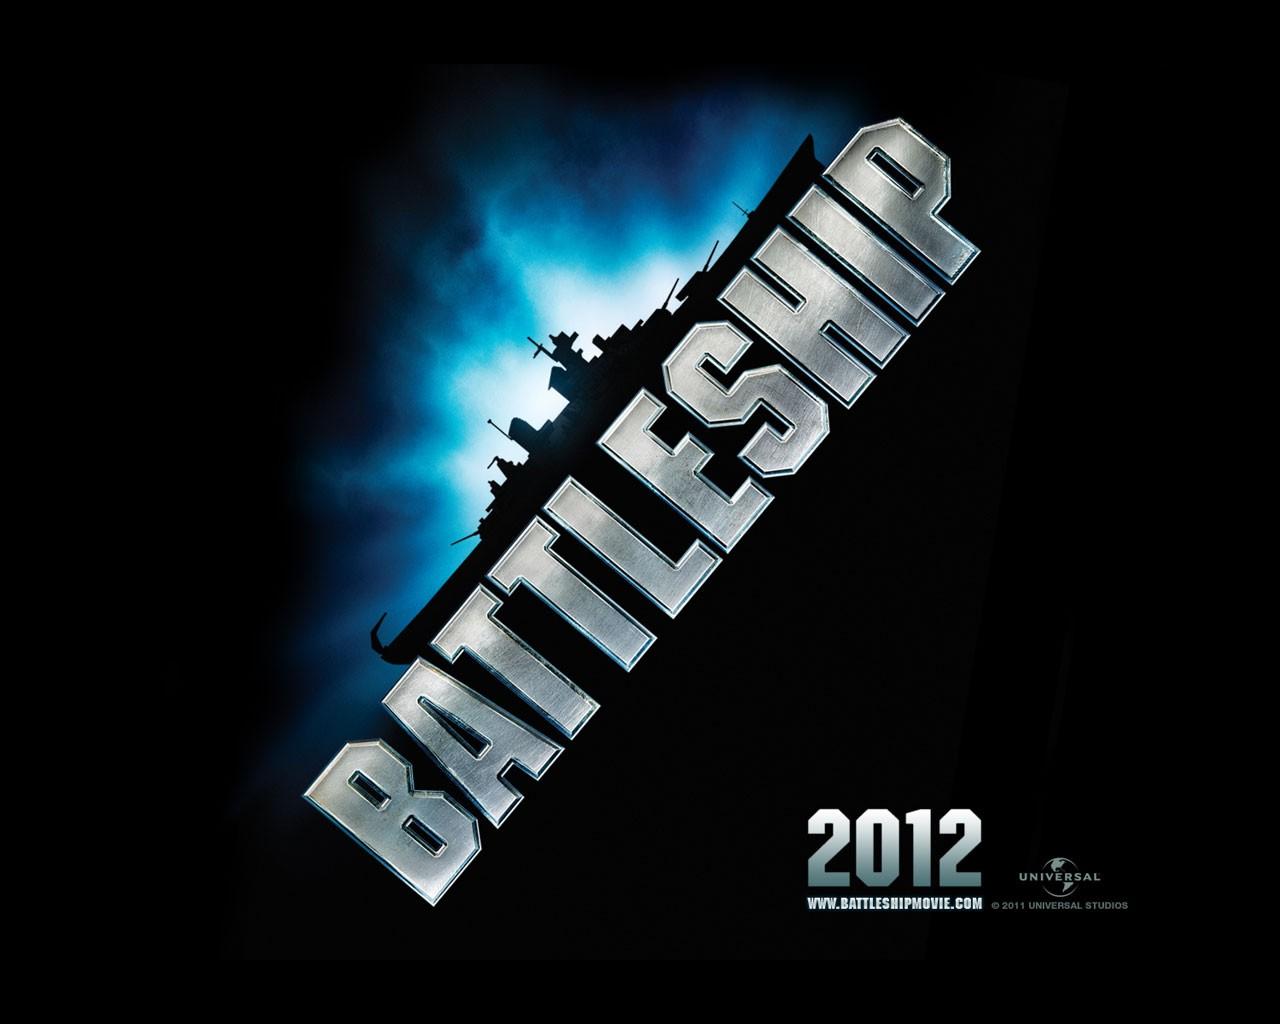 Battleship: uno degli wallpaper del film